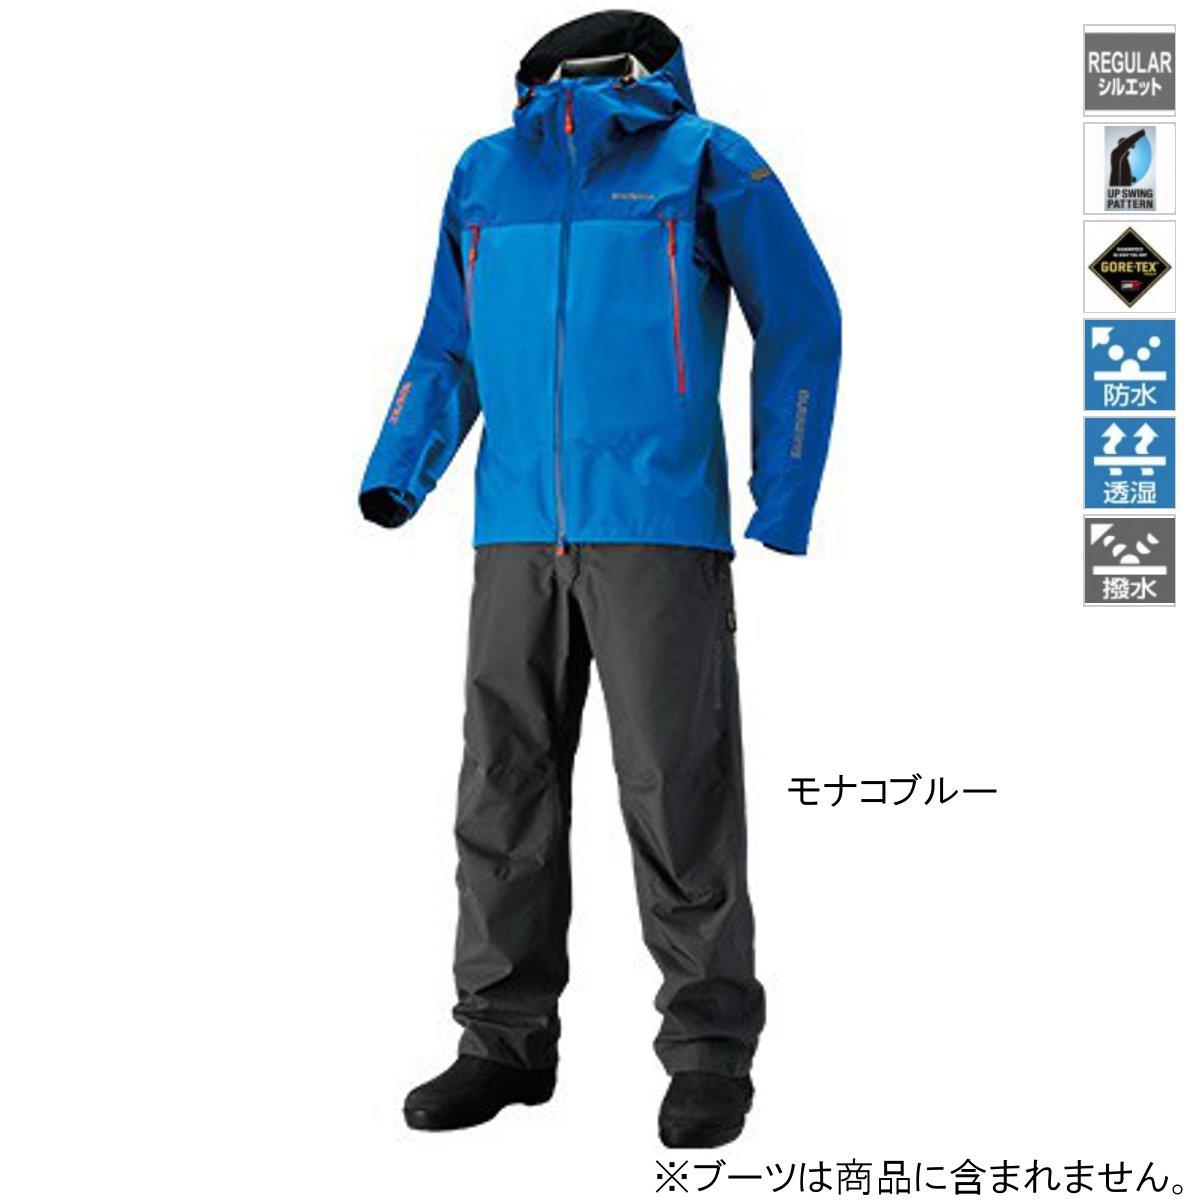 シマノ GORE-TEX ベーシックスーツ RA-017R 2XL モナコブルー【送料無料】